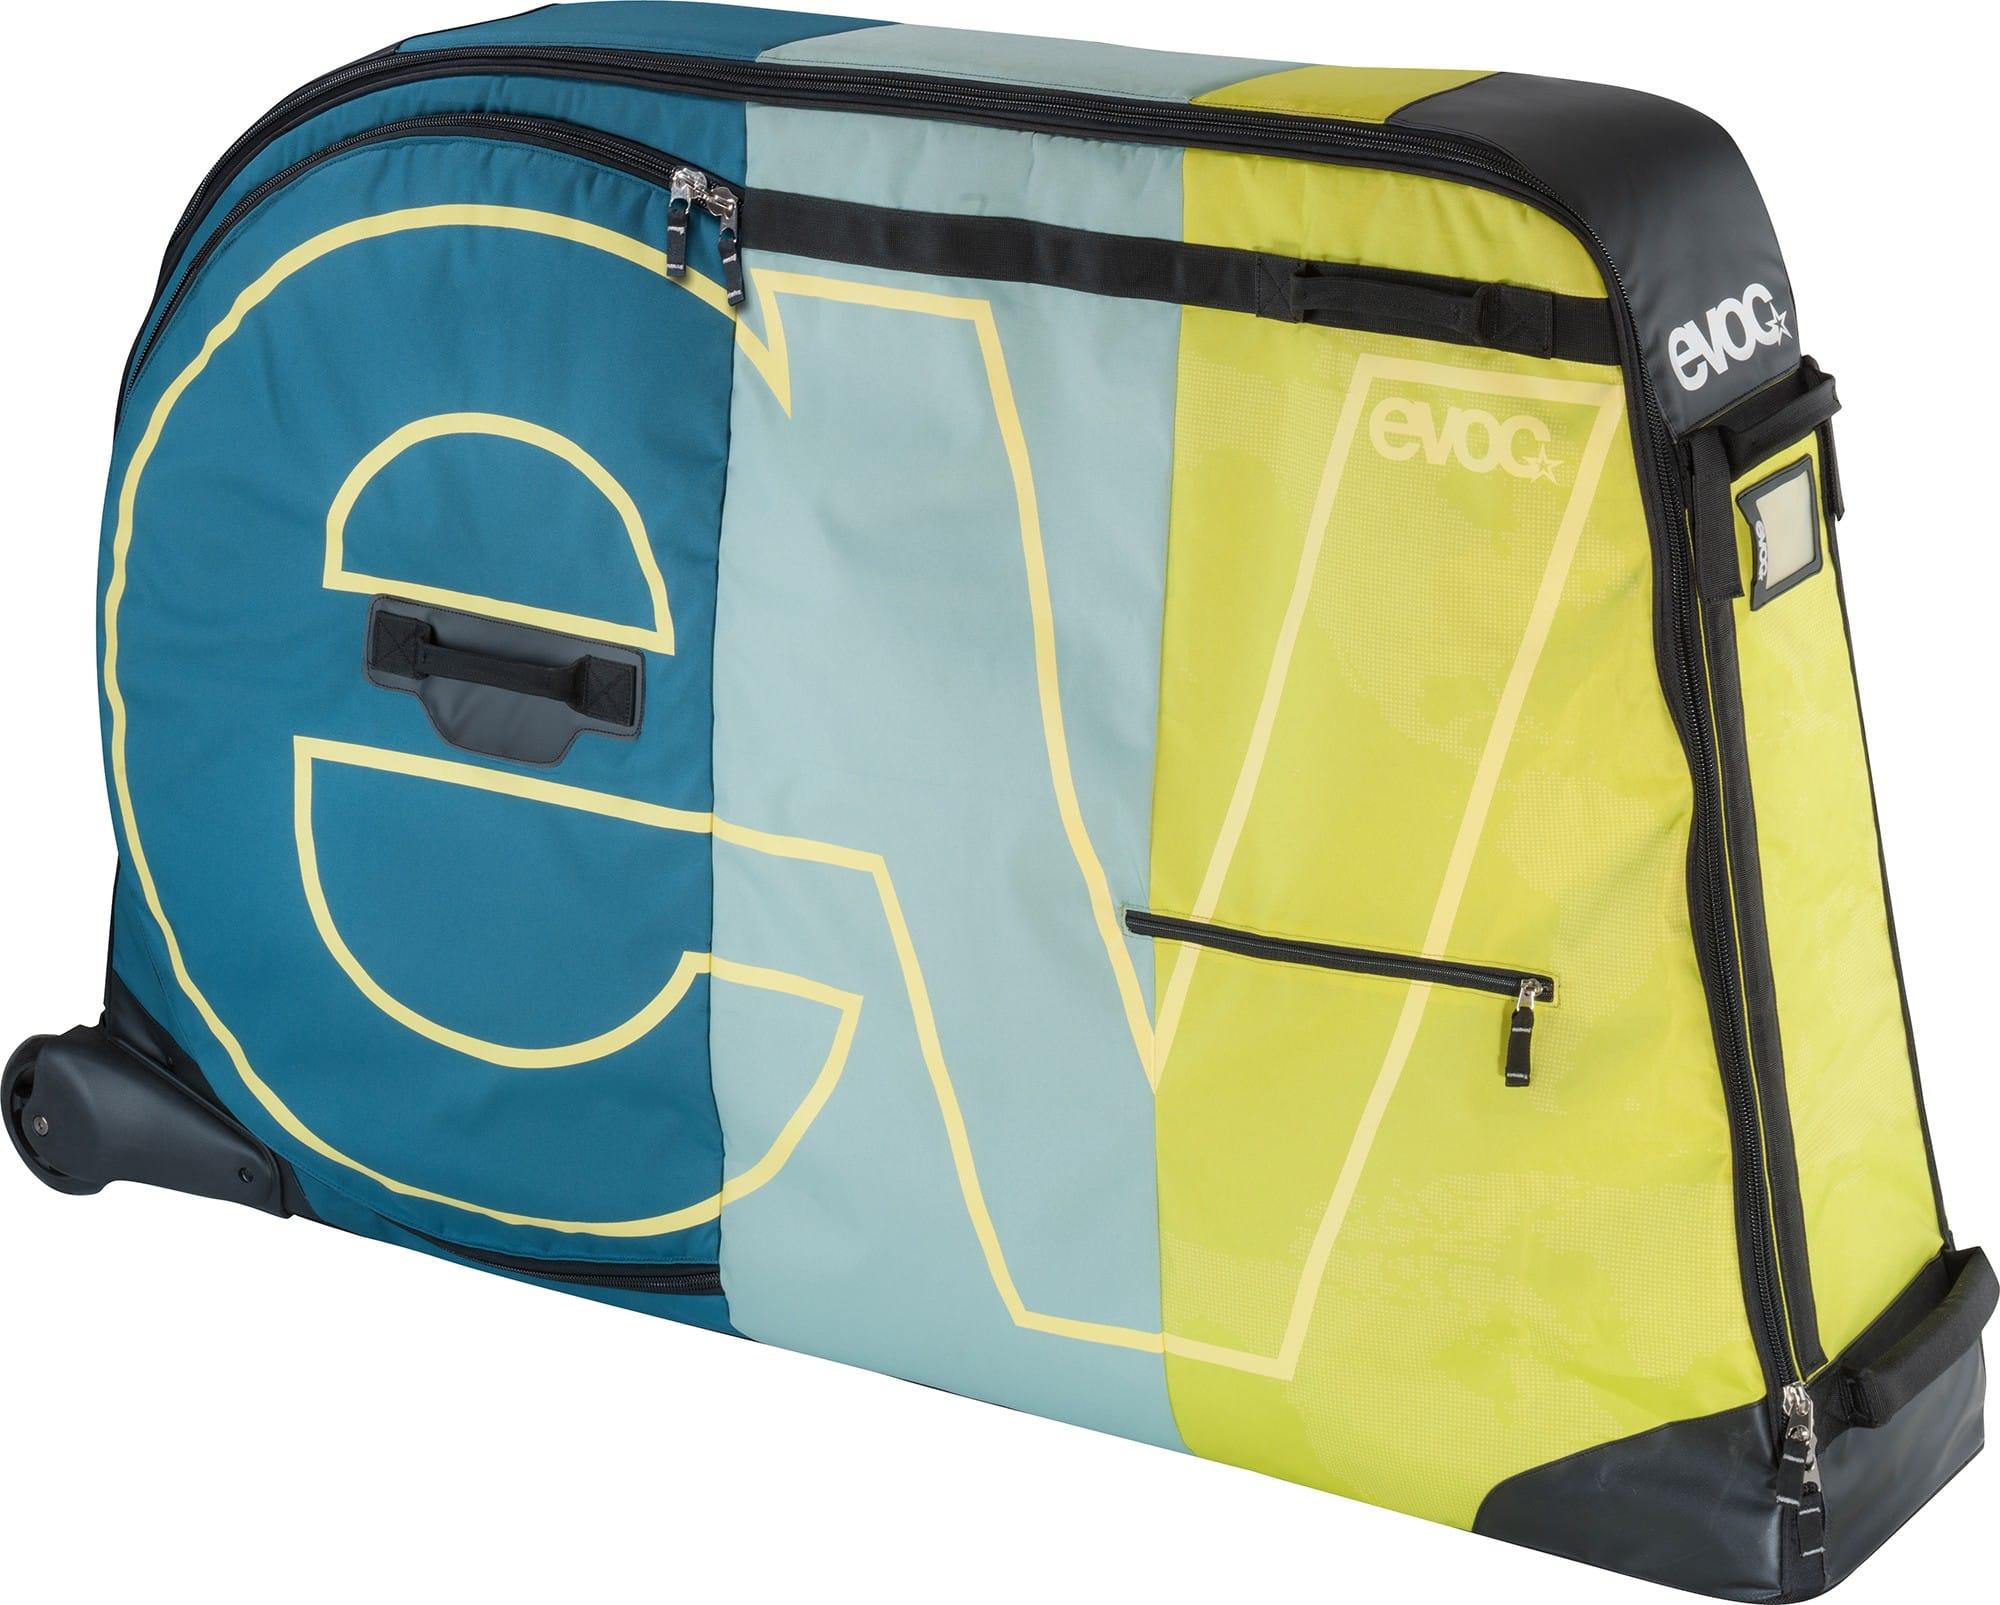 Evoc Bike Travel Bag | Größe 280l |  Fahrradtasche